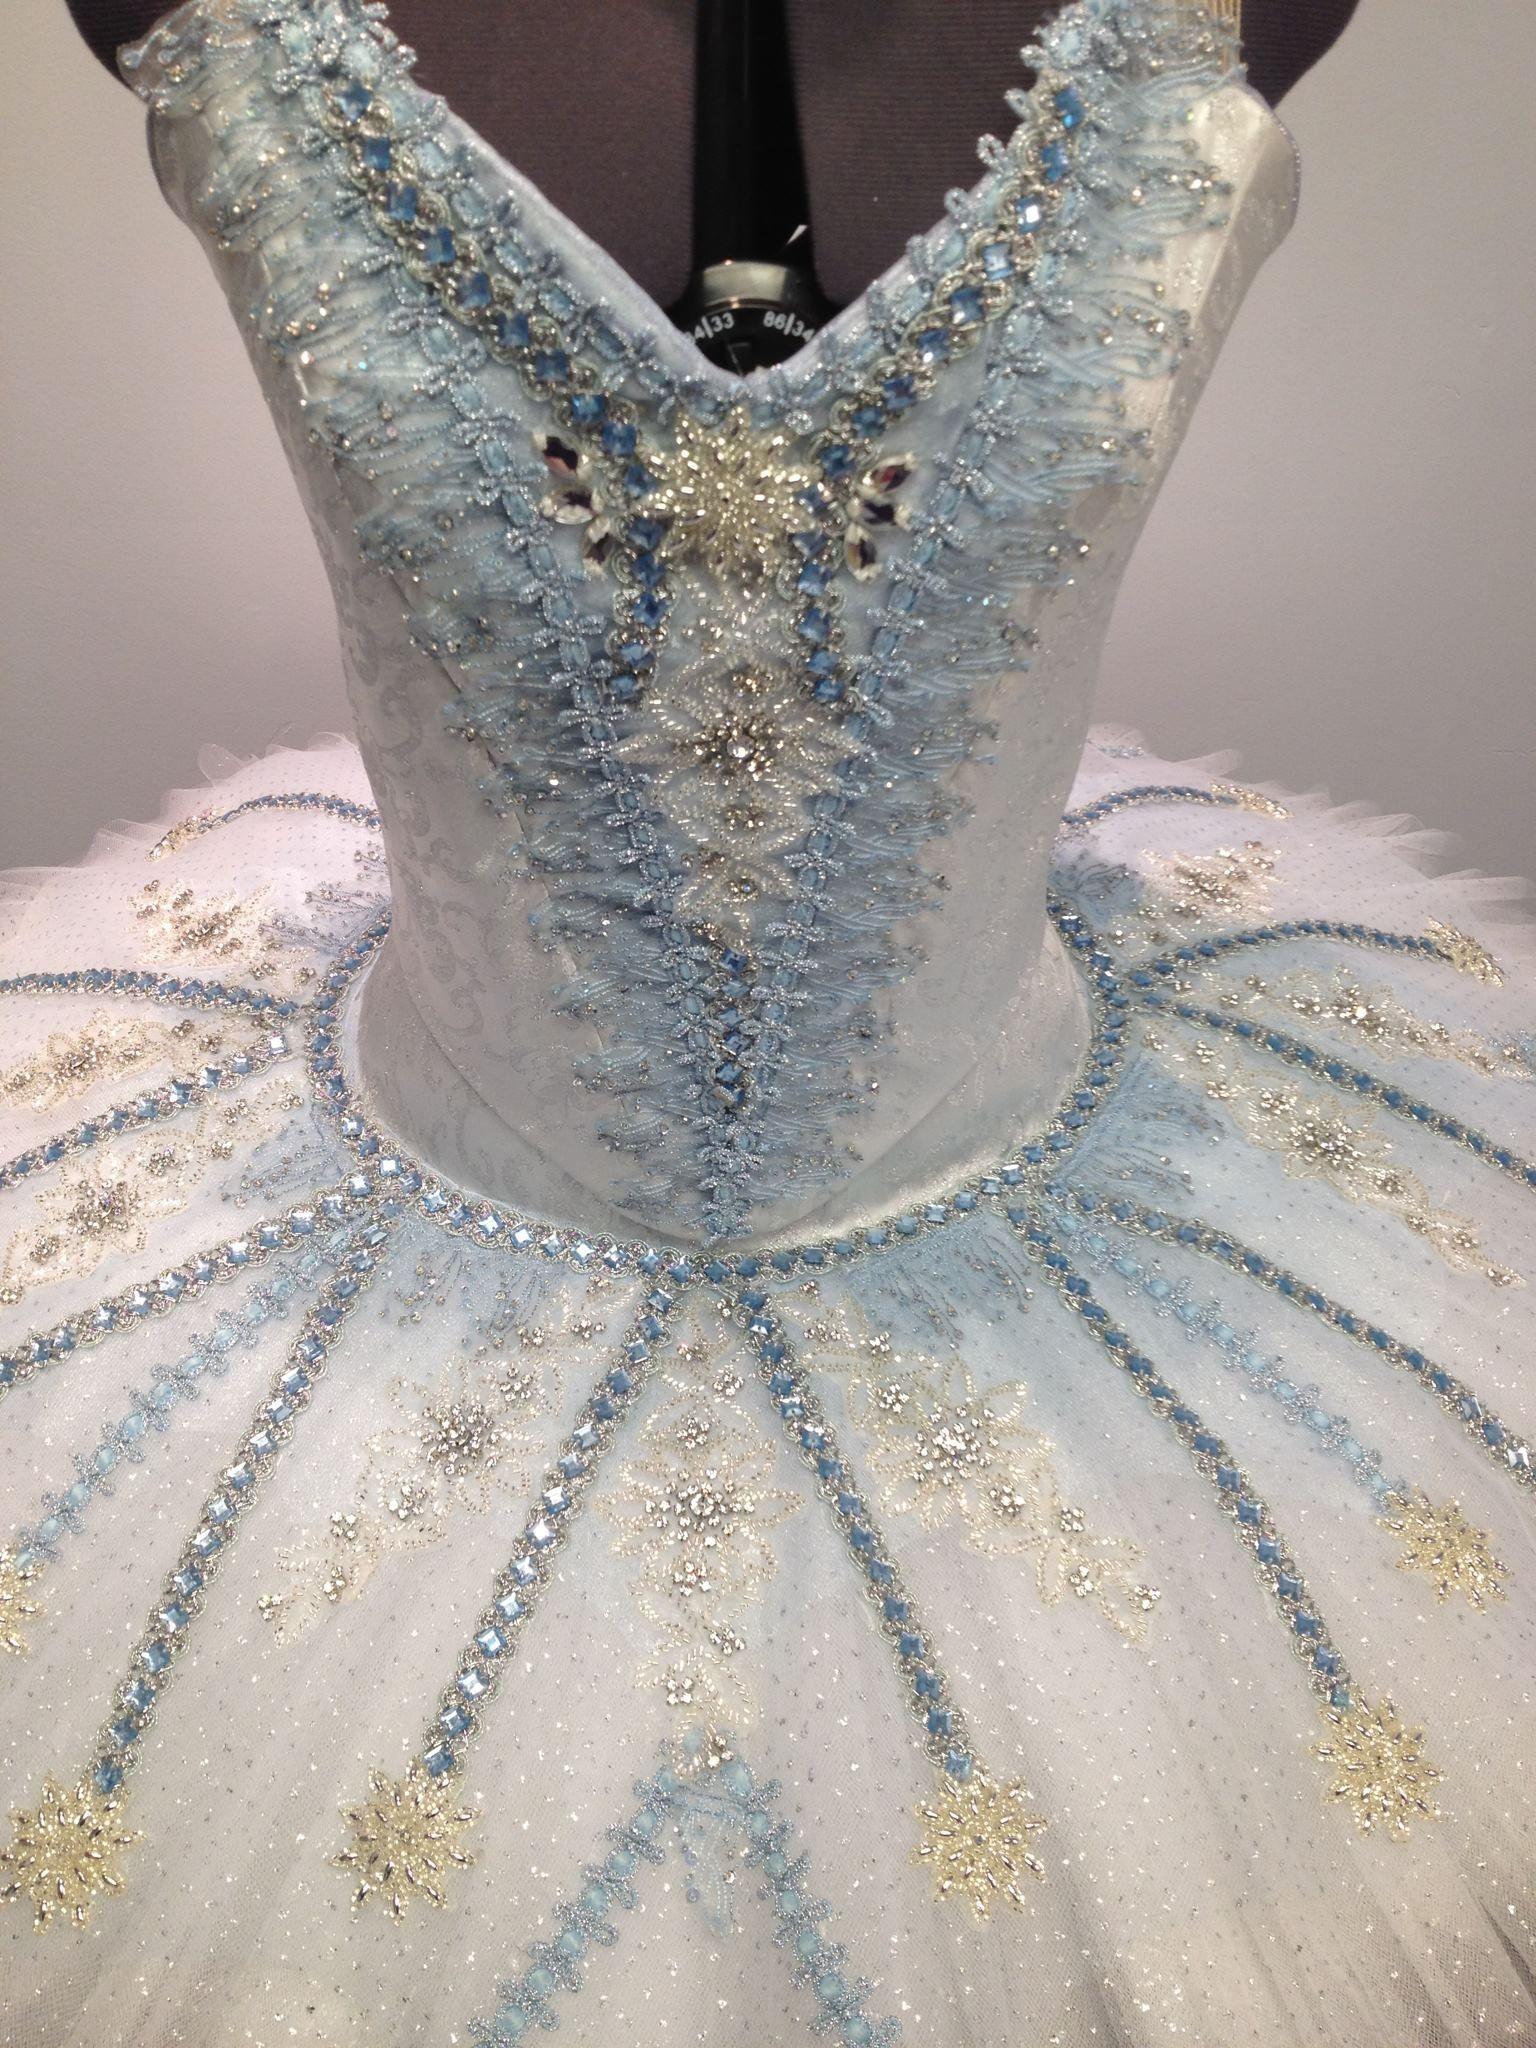 Snow Queen - beautiful!